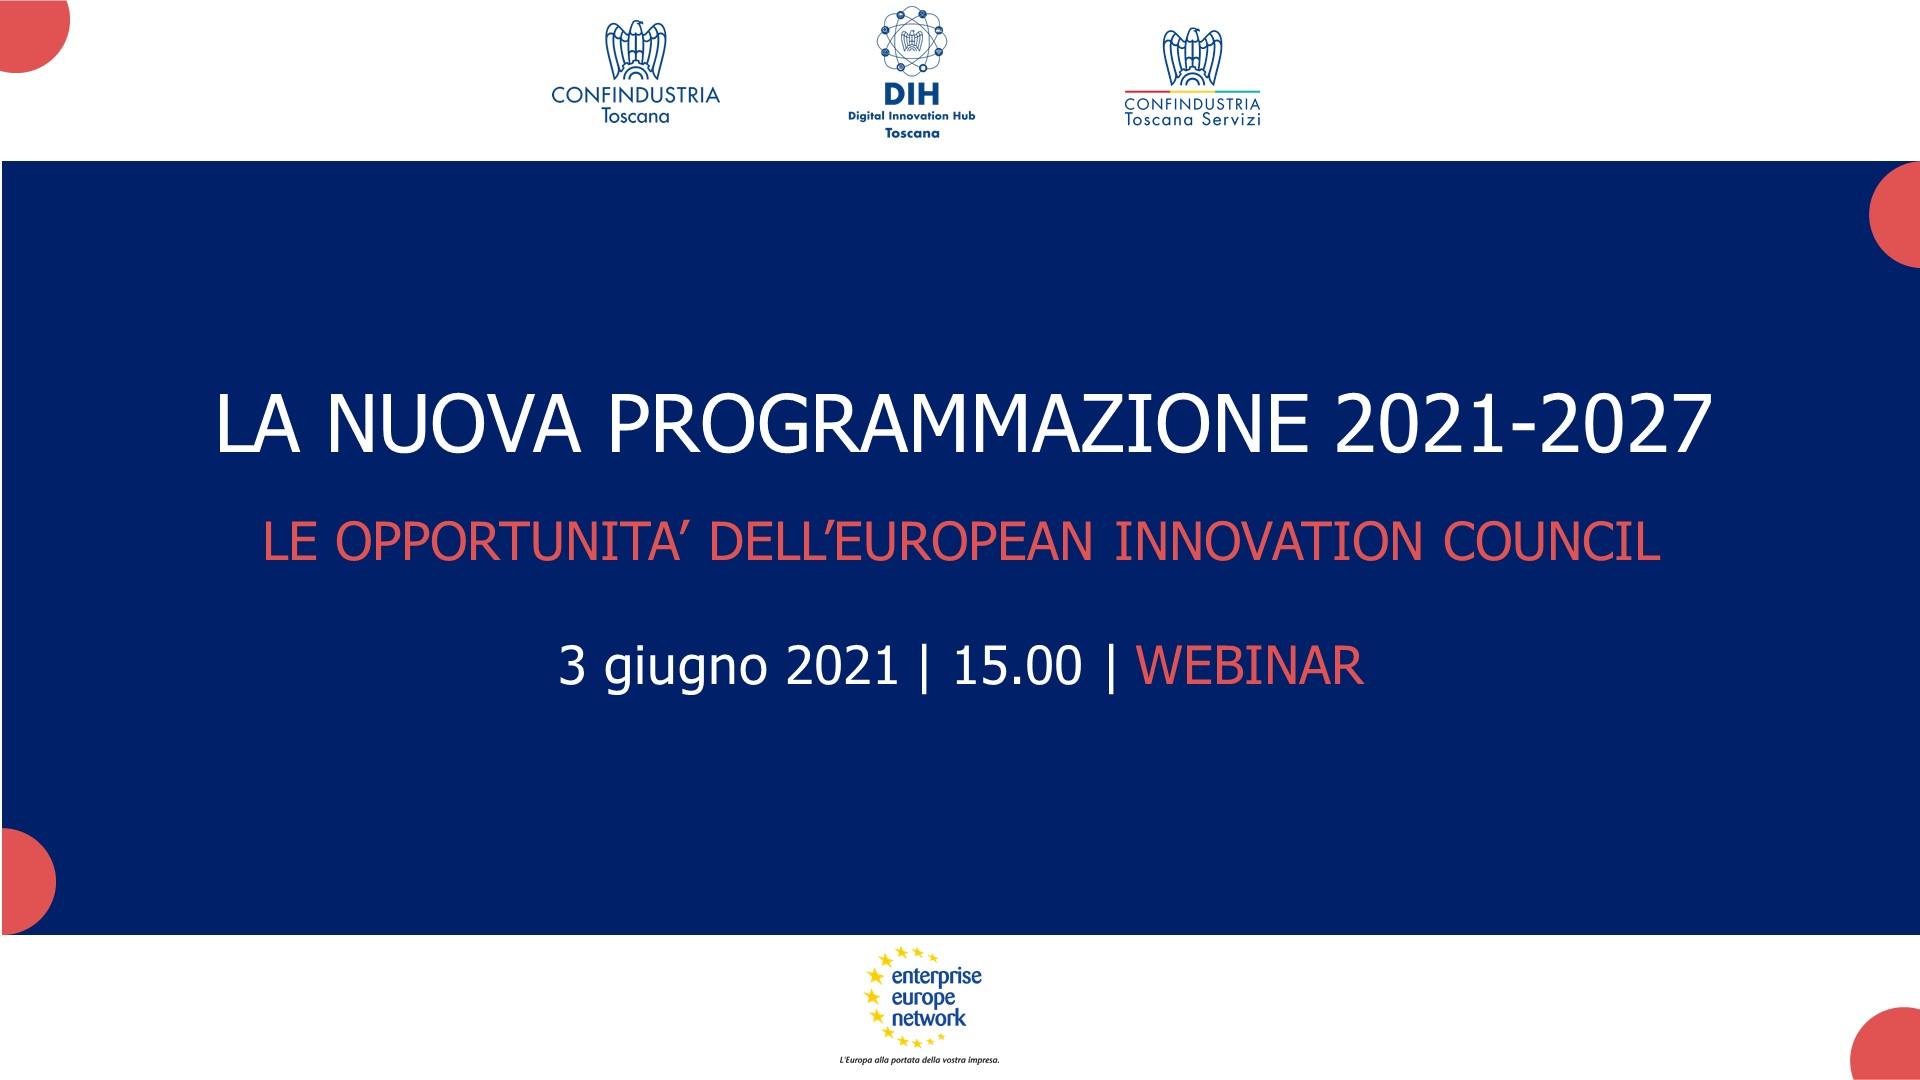 La nuova Programmazione 2021-2027: le opportunità dell'European Innovation Council